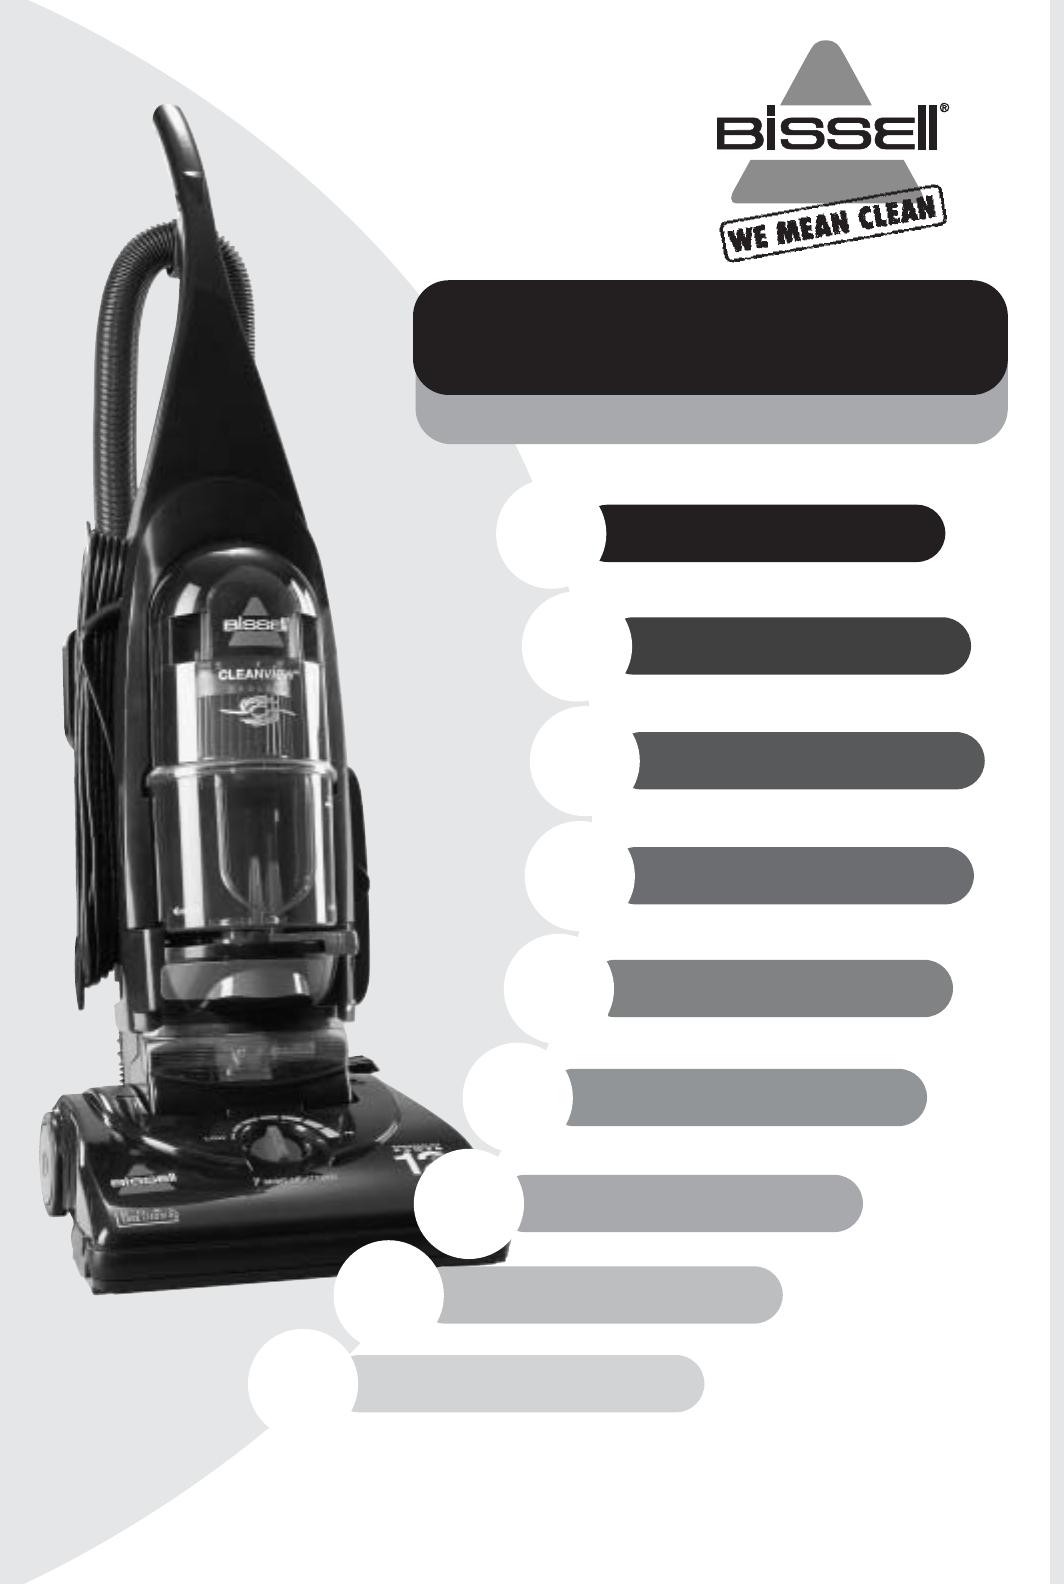 kenmore 600 series vacuum manual